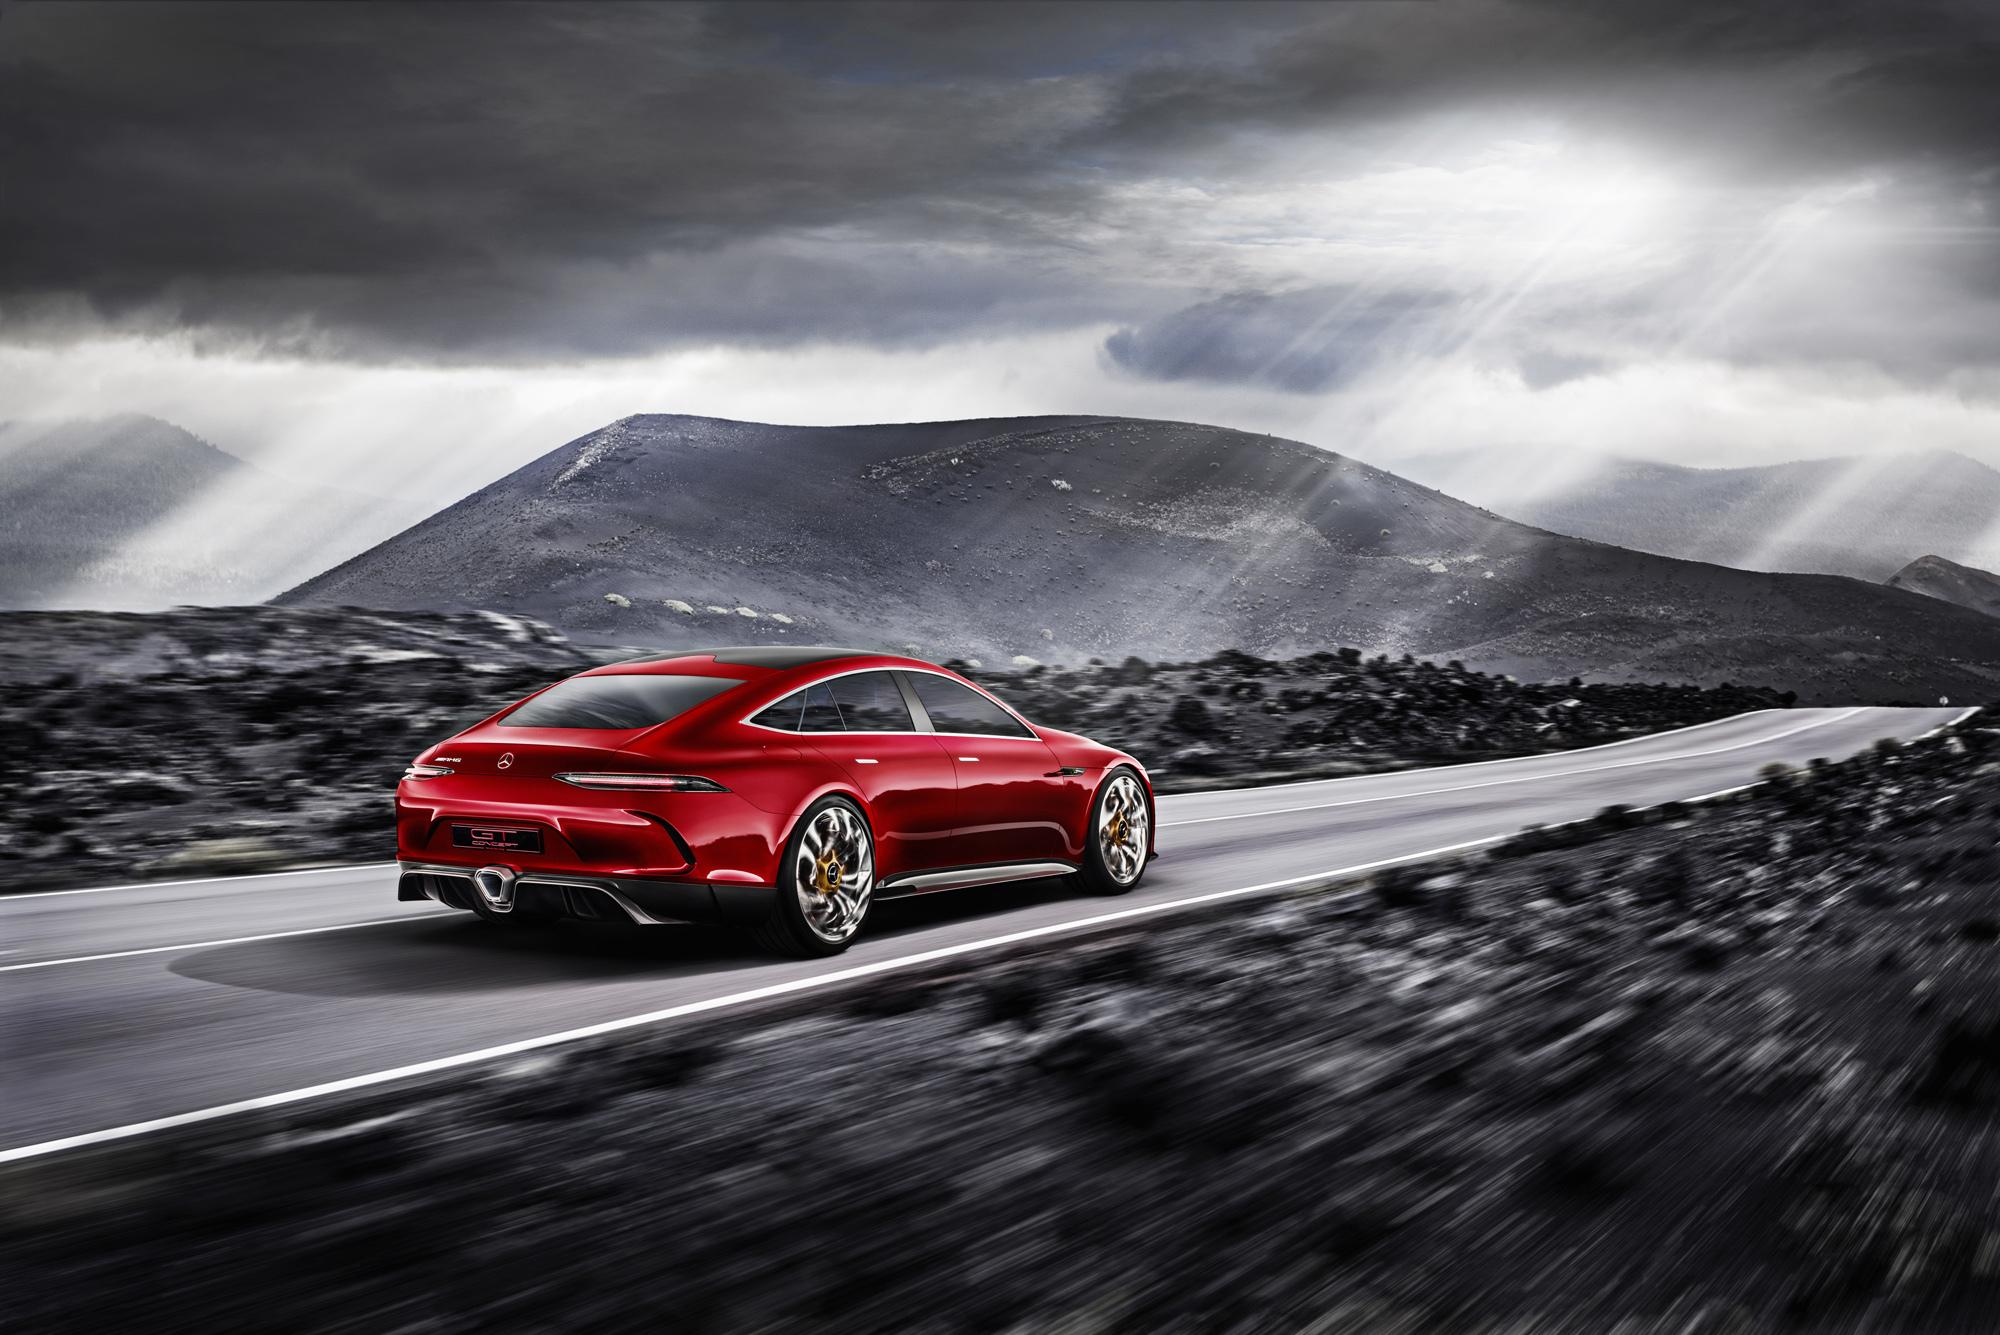 Mercedes AMG GT Concept Photos